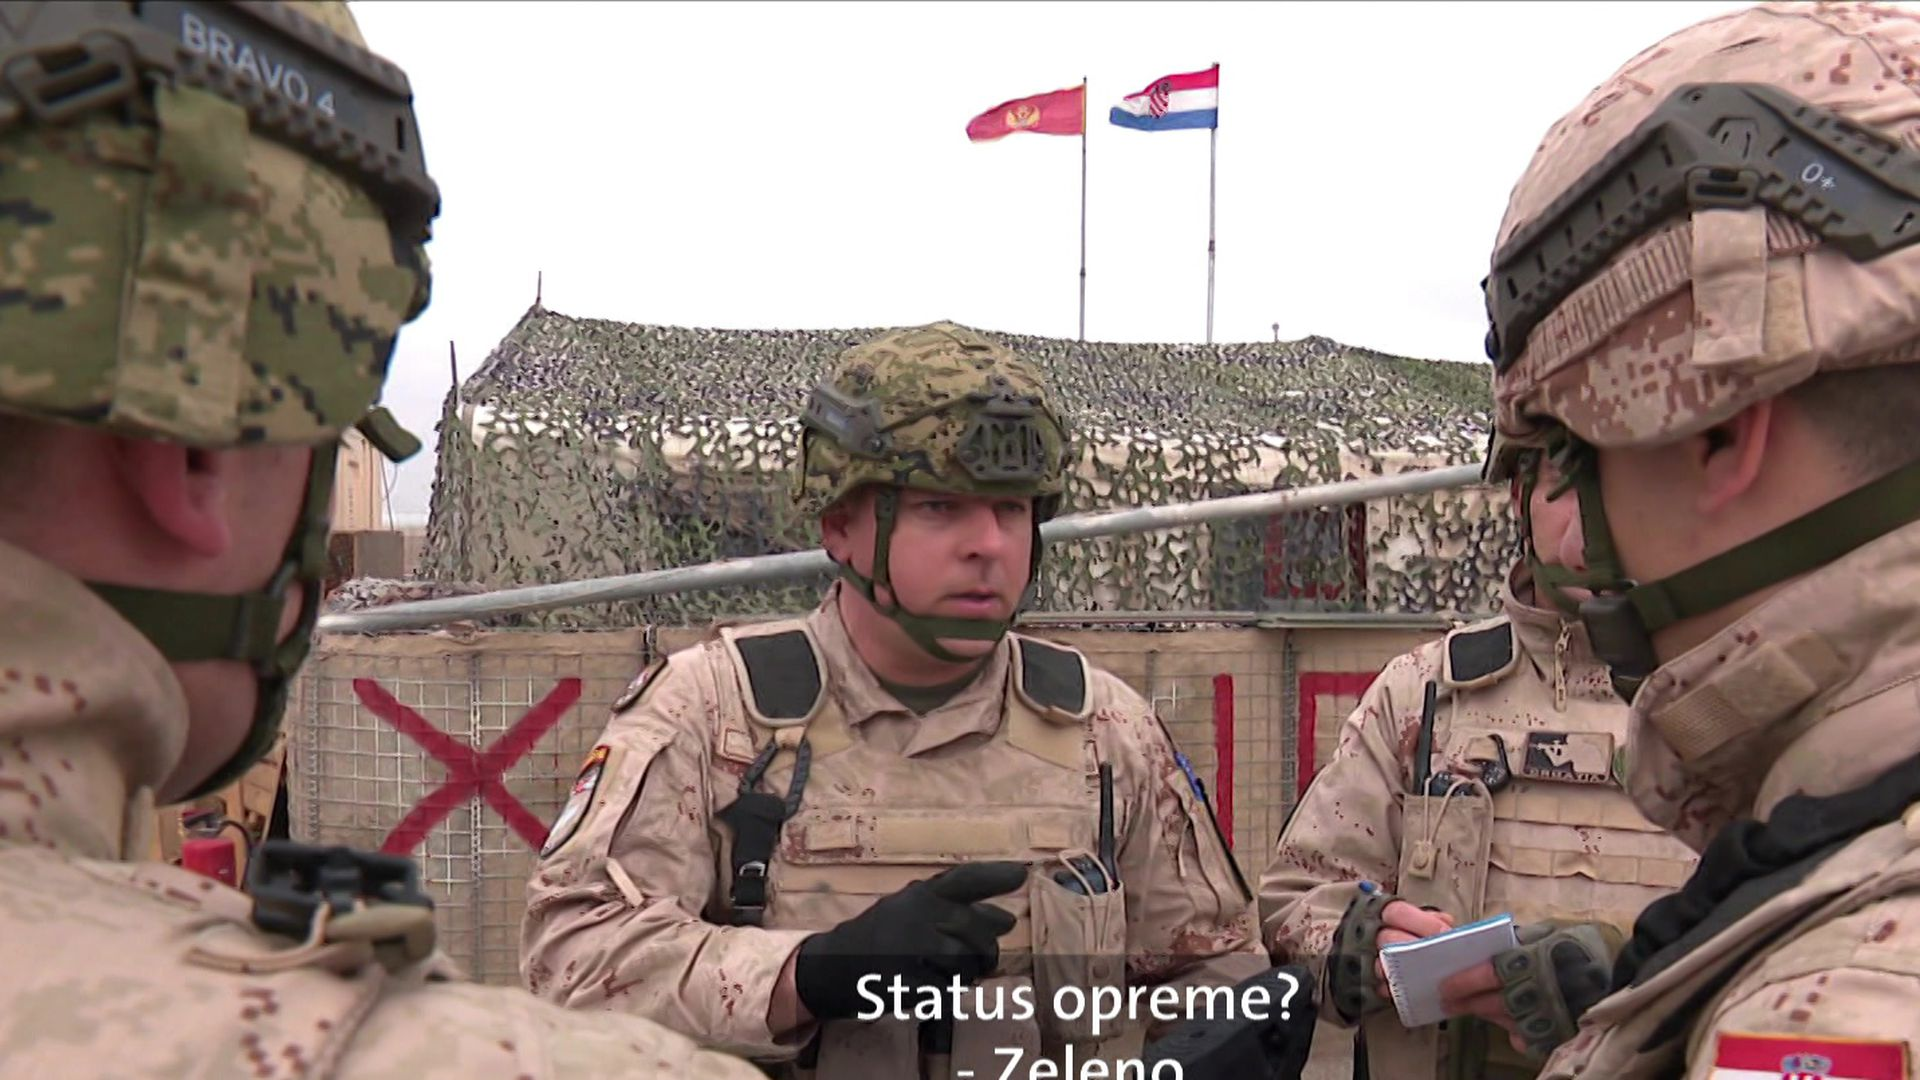 izlazak vojnika besplatno online upoznavanje za više od 70 godina